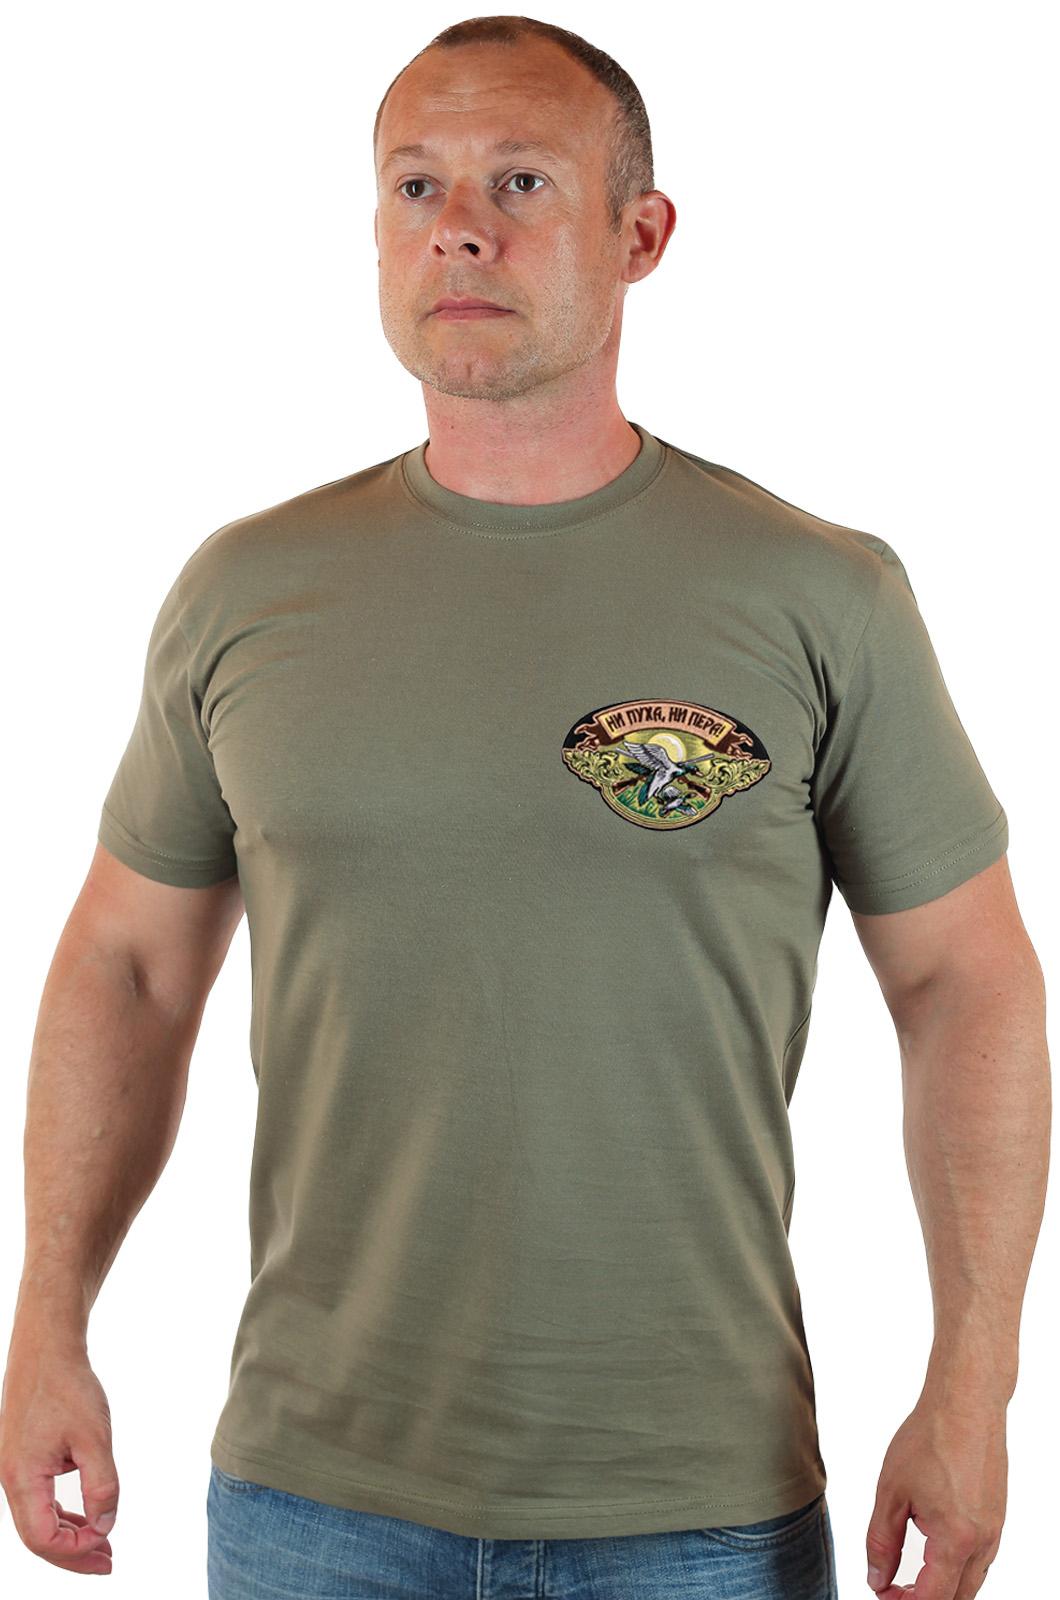 Купить на подарок охотнику футболку «Ни пуха, ни пера»